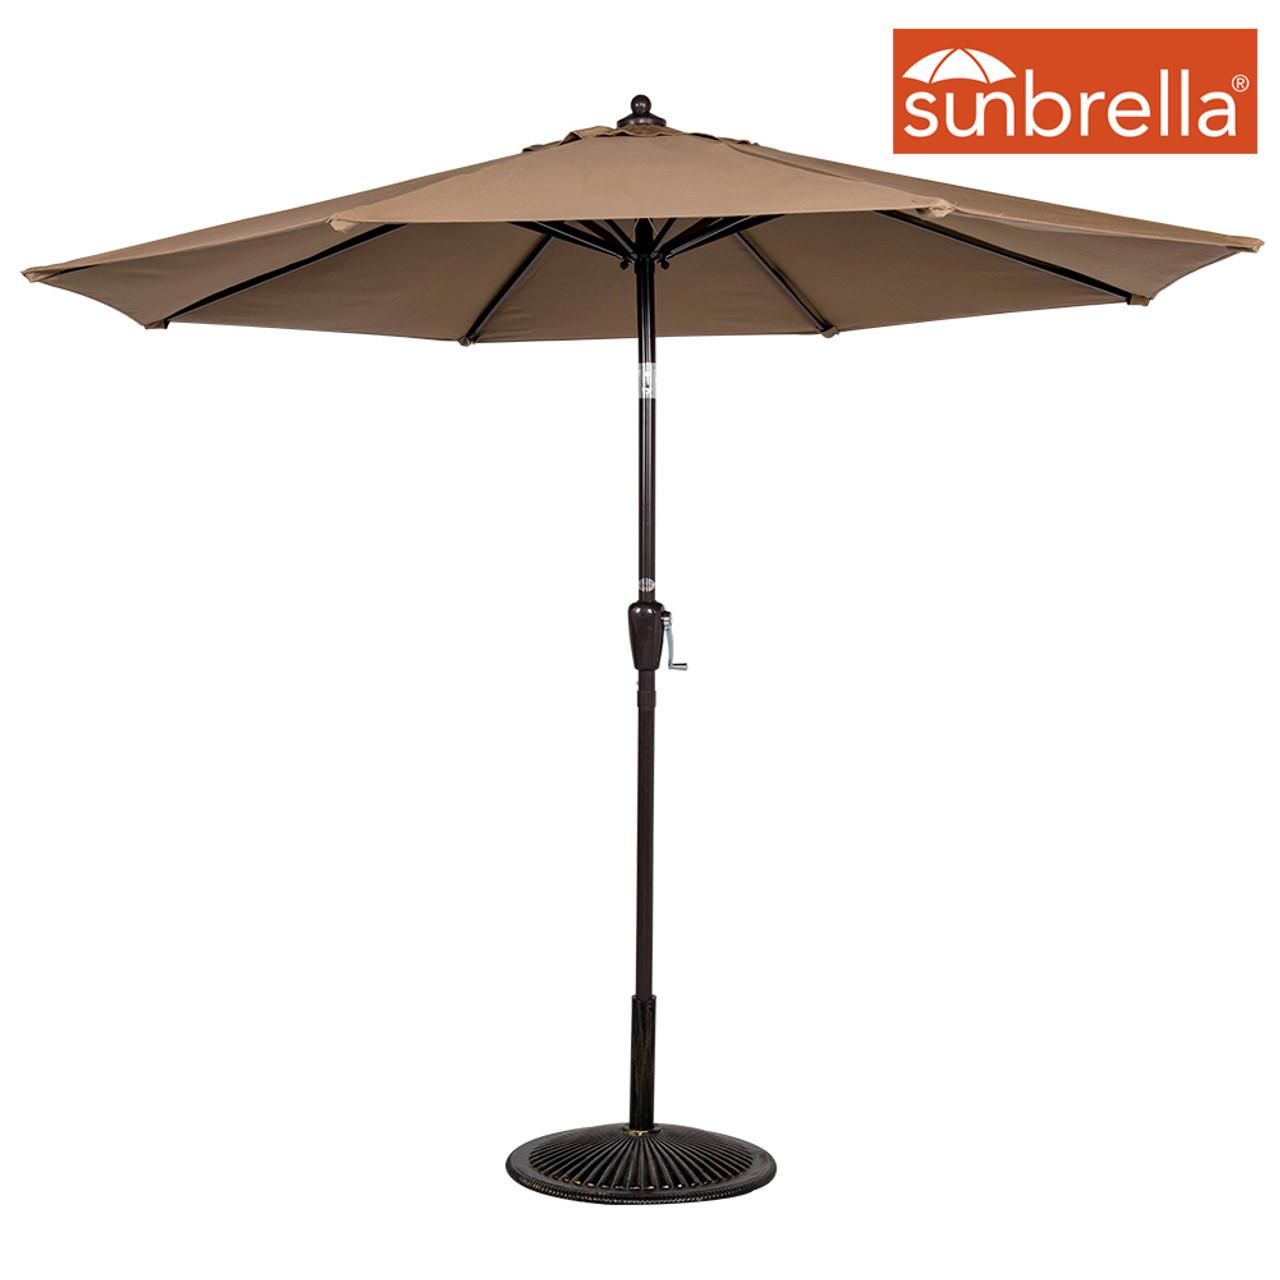 5340d30c36c1 8.2 Ft Sunbrella® acrylic Patio Garden Outdoor Market Umbrella,Push Button  Tilt and Crank (Camel)